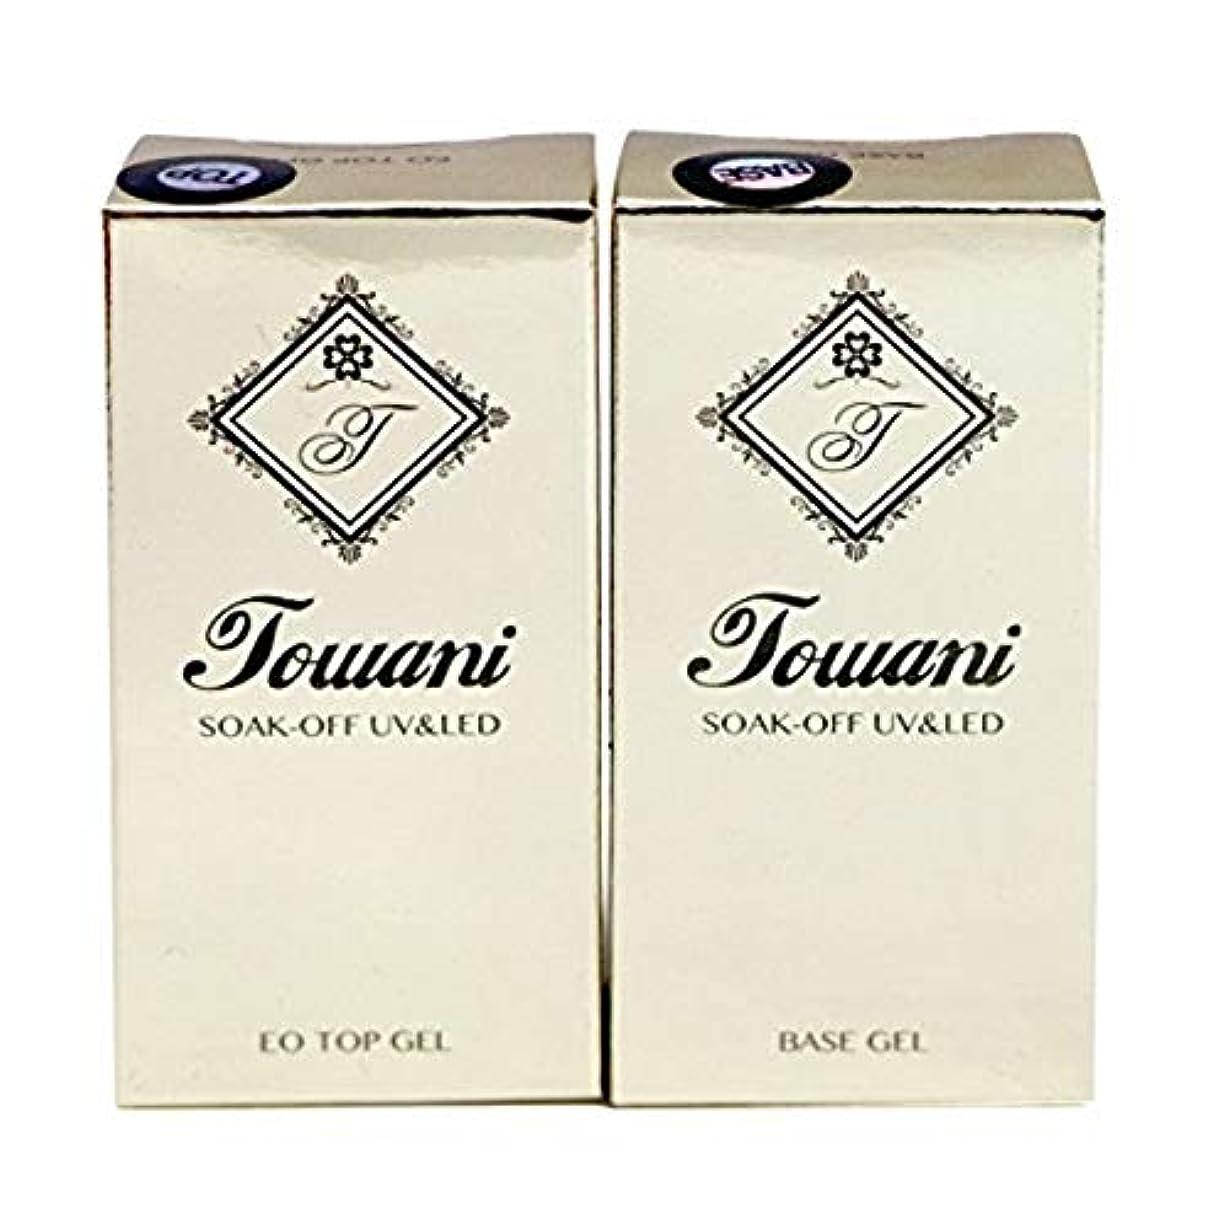 ジレンマ化学第三(トワニ) Towani ジェルネイル ベースジェル ツヤツヤ UV ポリッシュタイプ サンディング不要